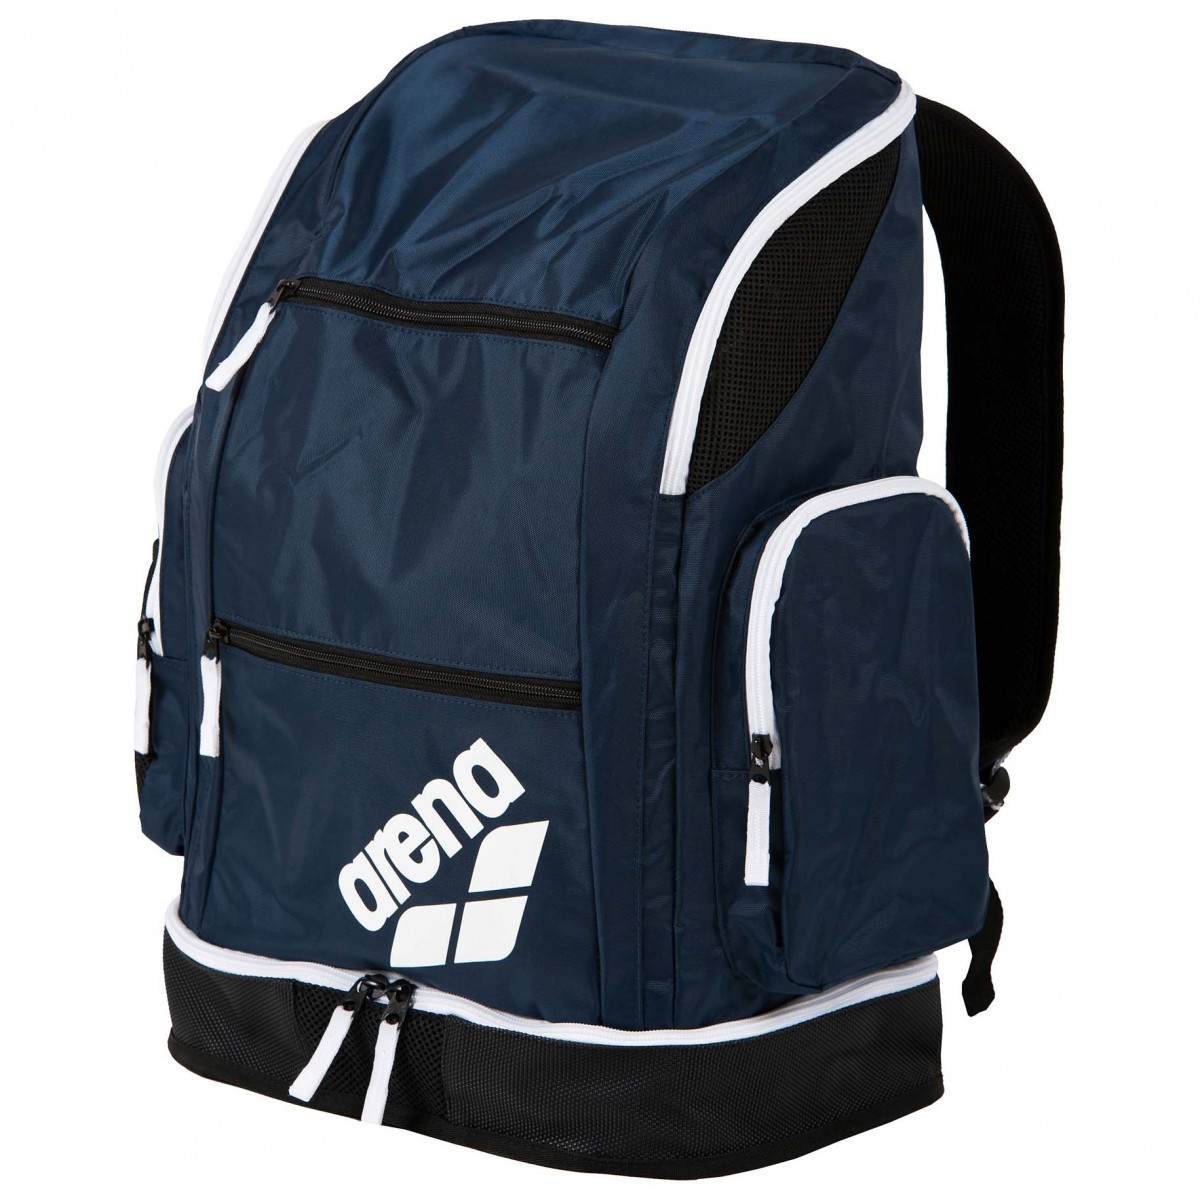 arena spiky 2 large backpack 40 liter rucksack ebay. Black Bedroom Furniture Sets. Home Design Ideas